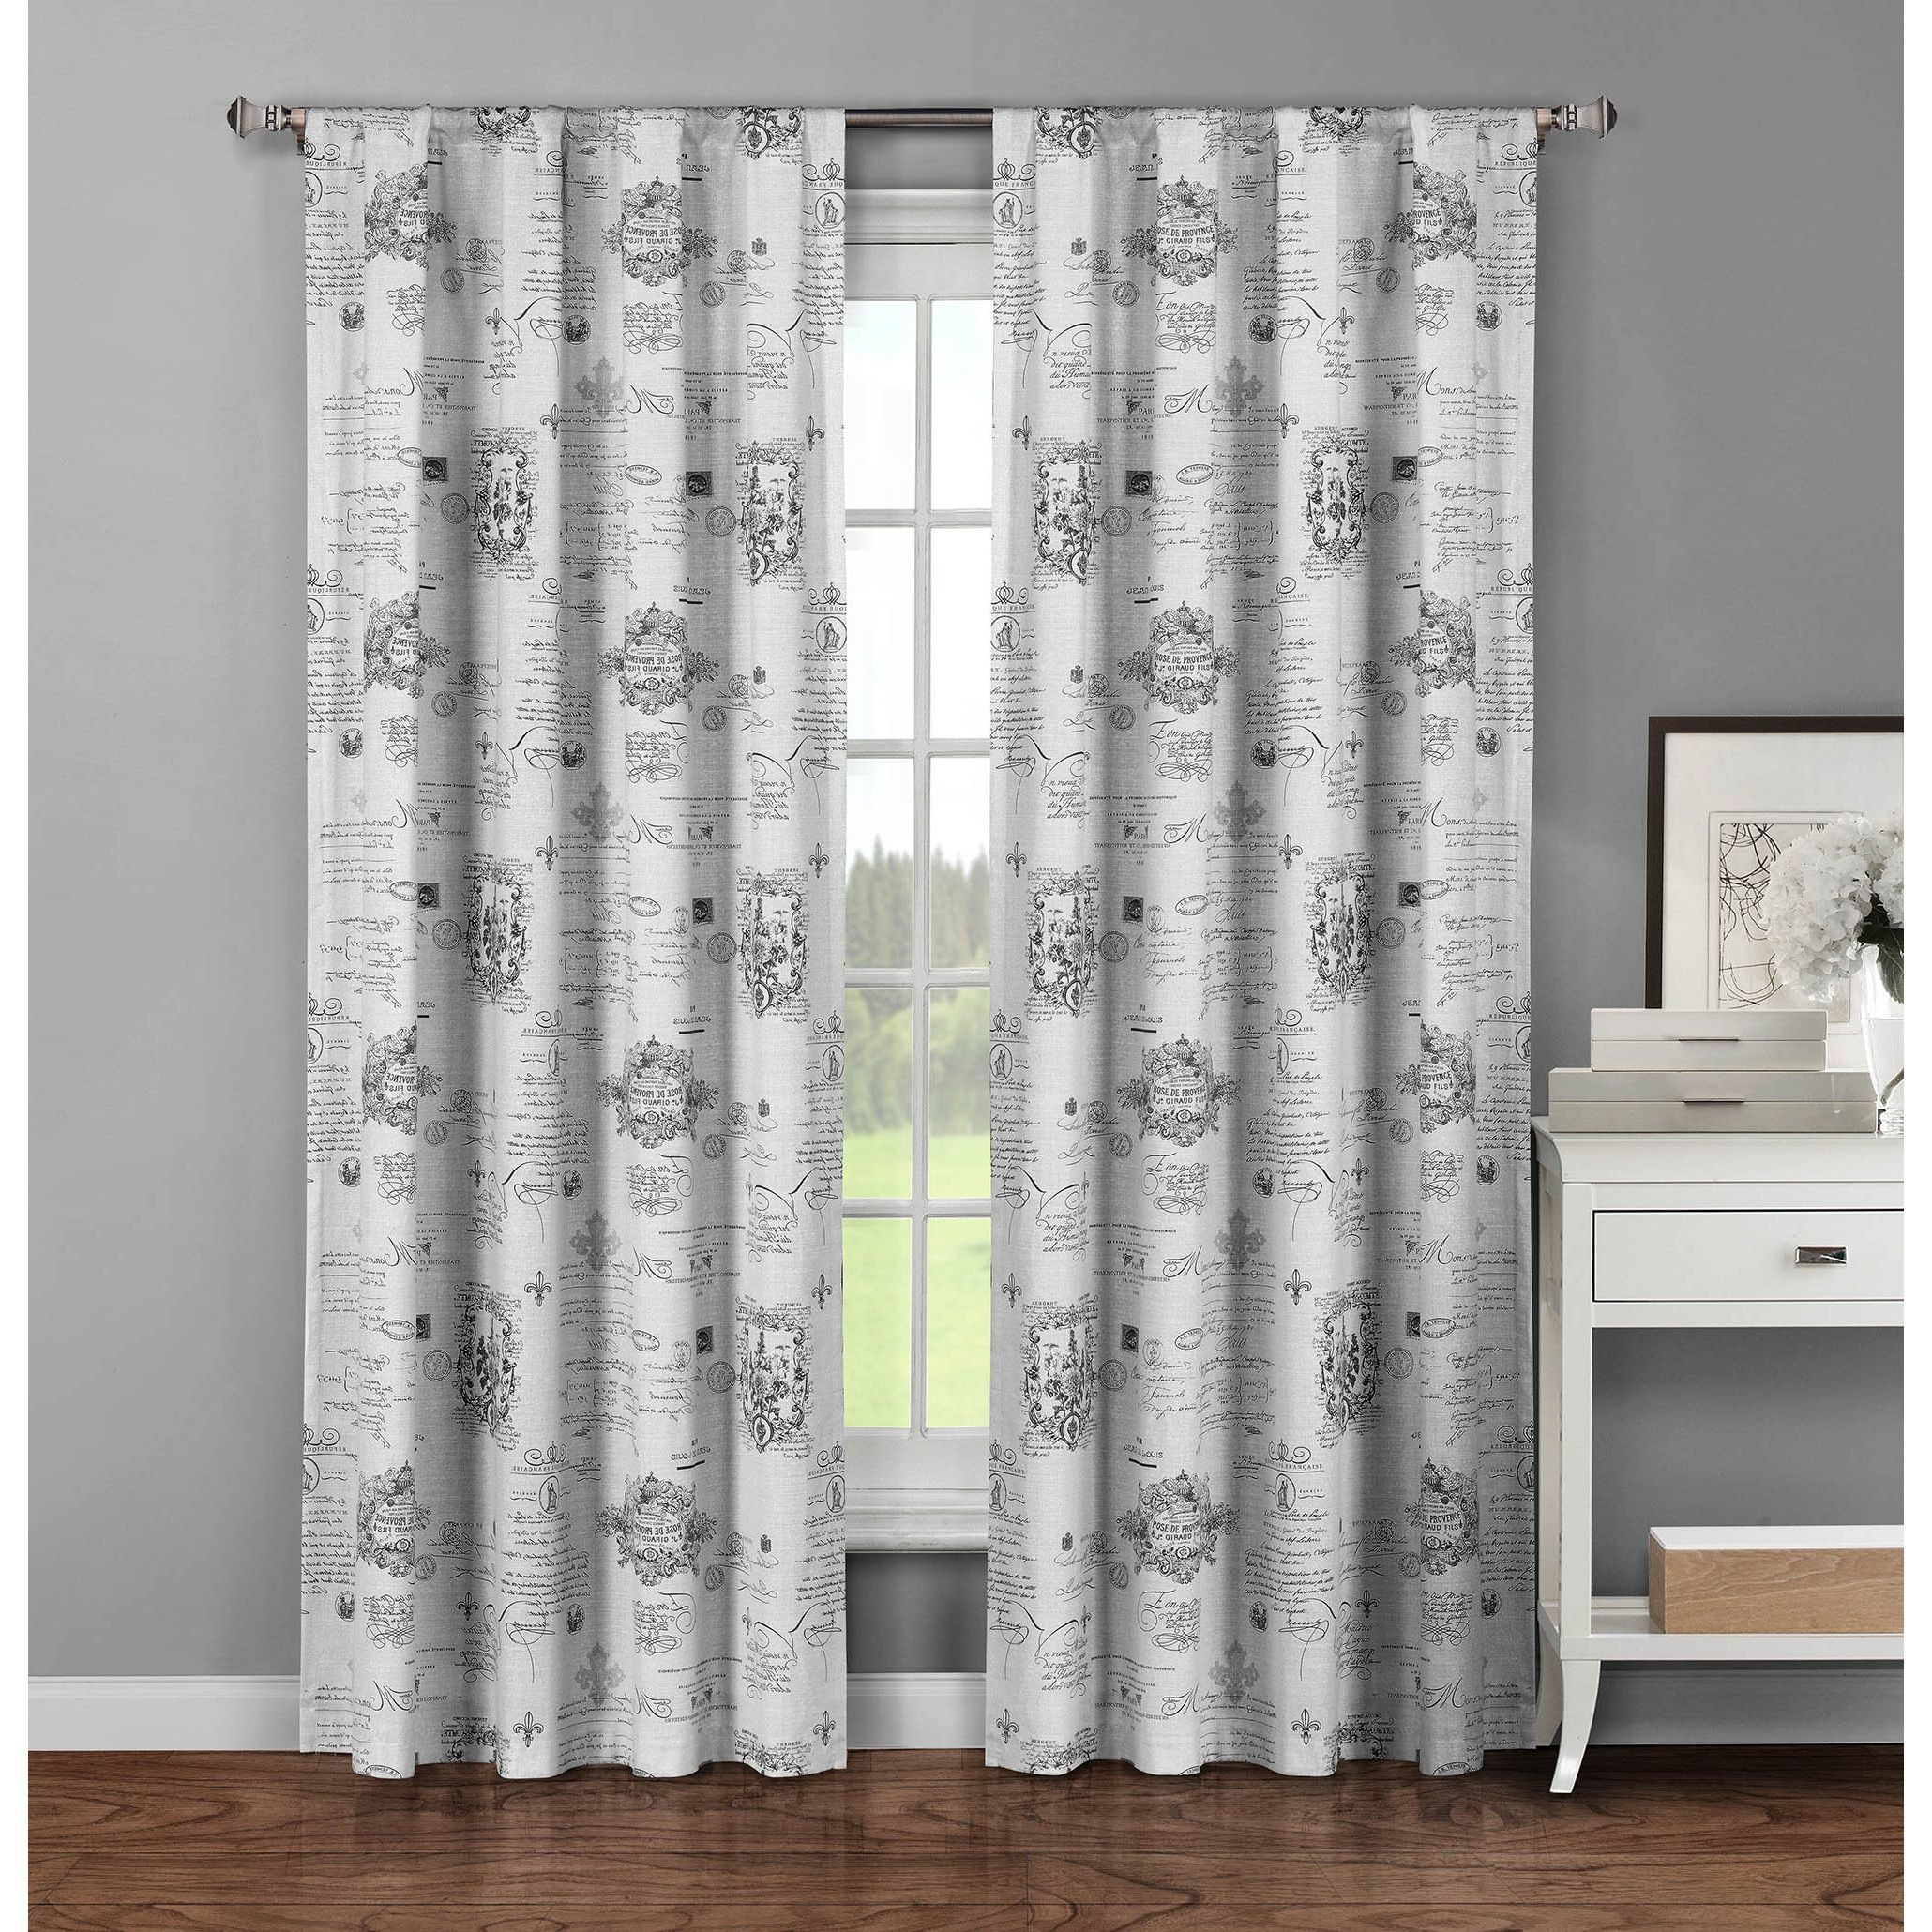 Window Elements Fleur De Lis Grey Cotton 96 Inch Rod Pocket Curtain